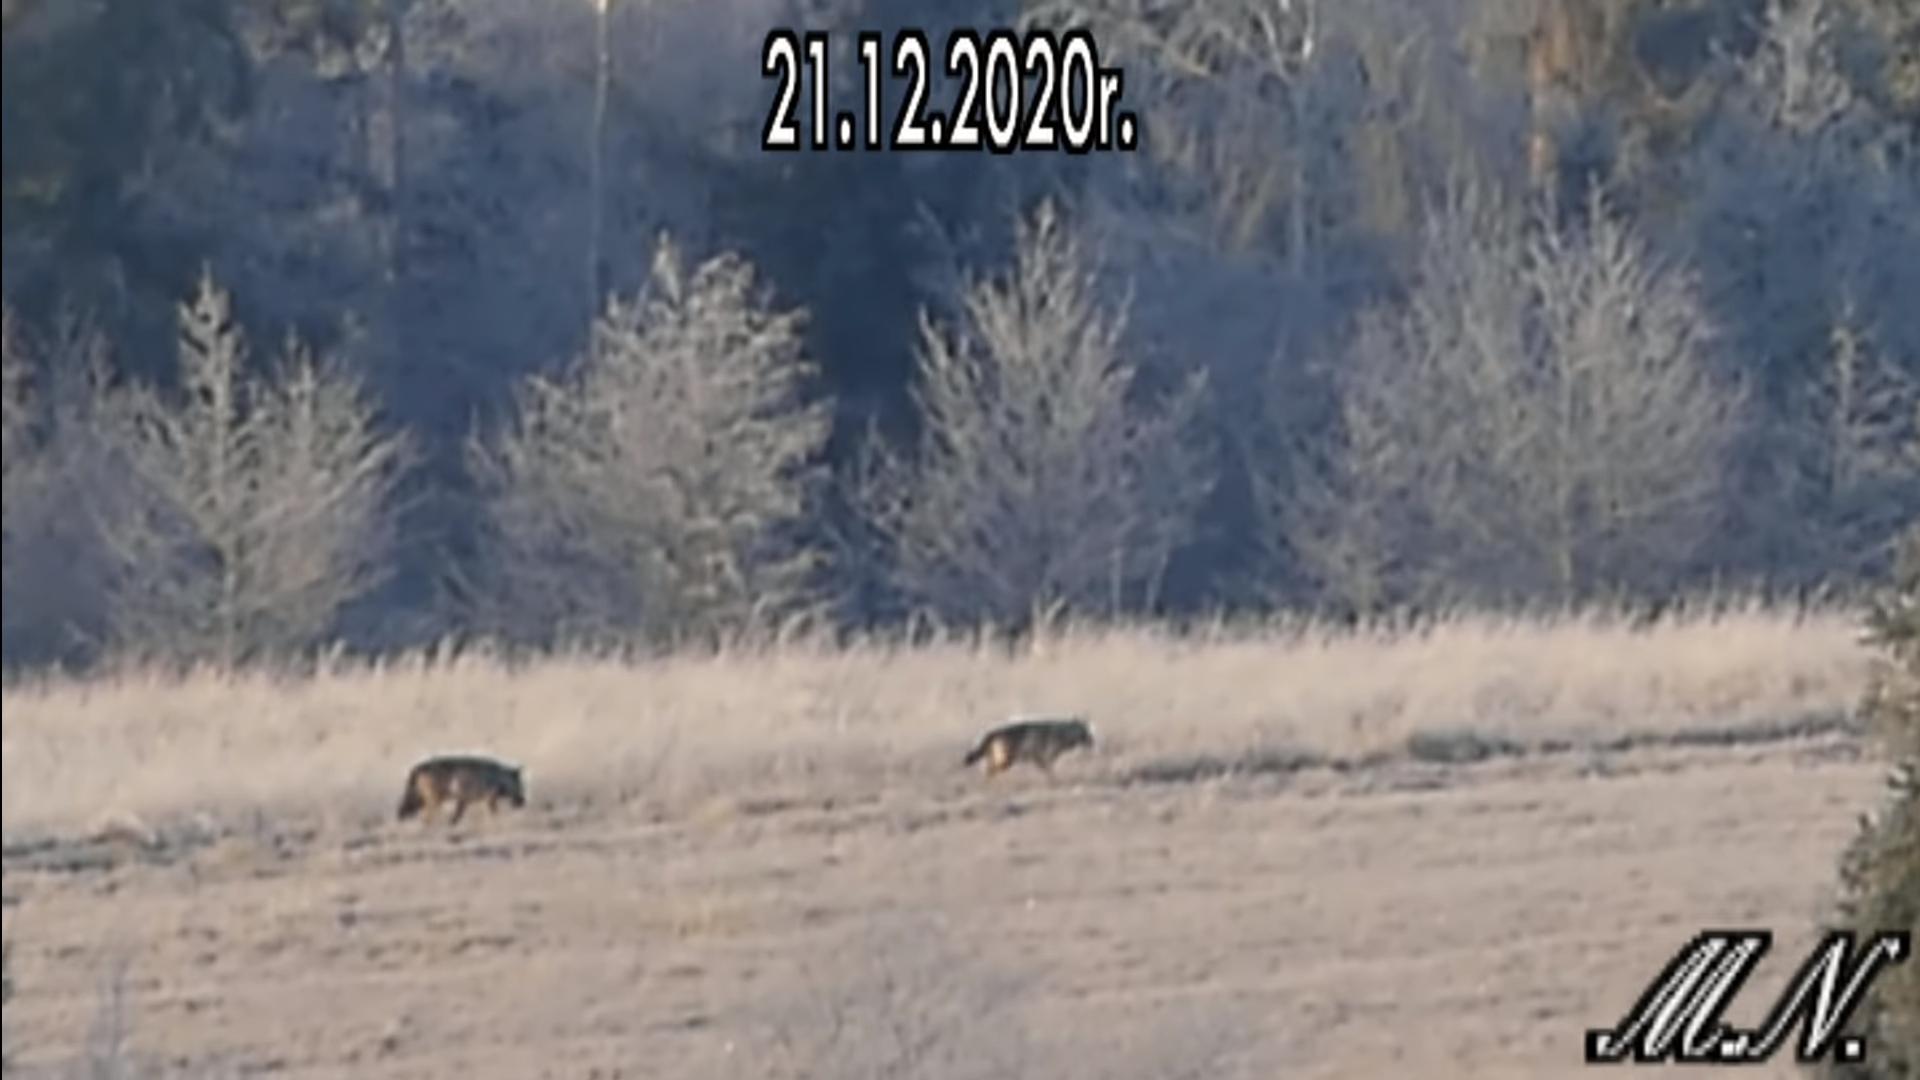 Wilki wyszły na bieszczadzką drogę. Wataha nagrana - Zdjęcie główne